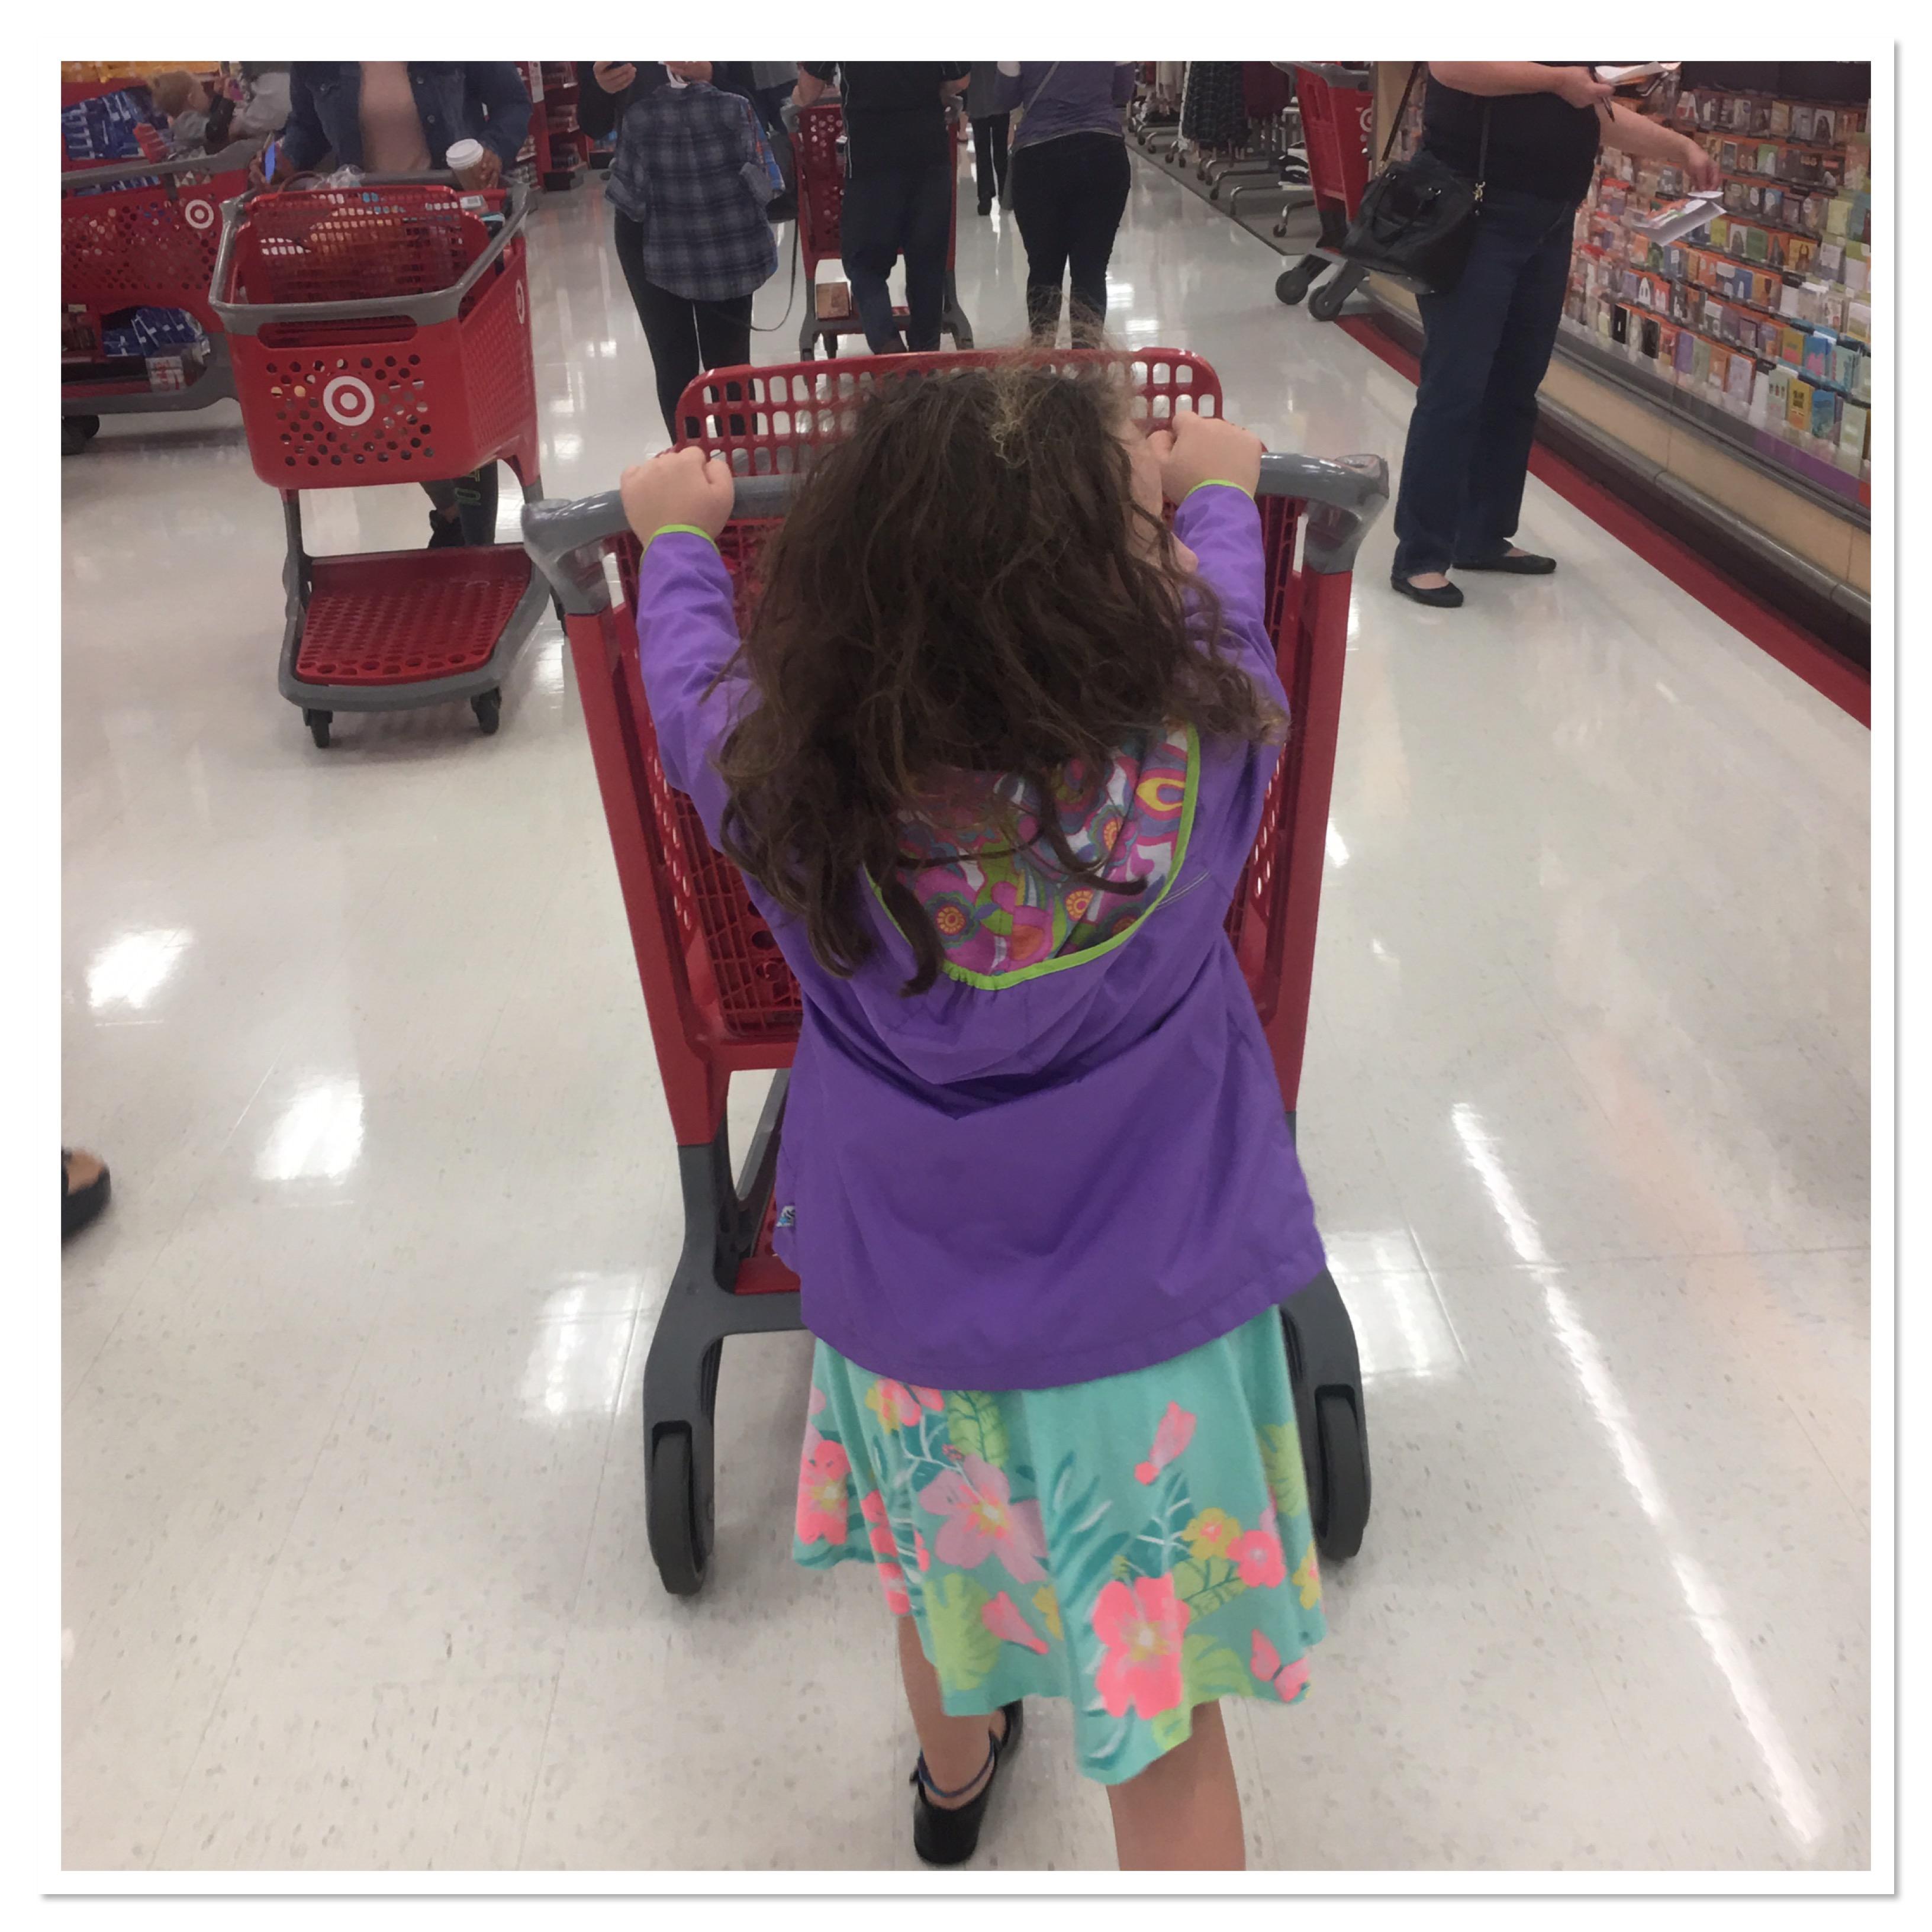 Peyton at Target